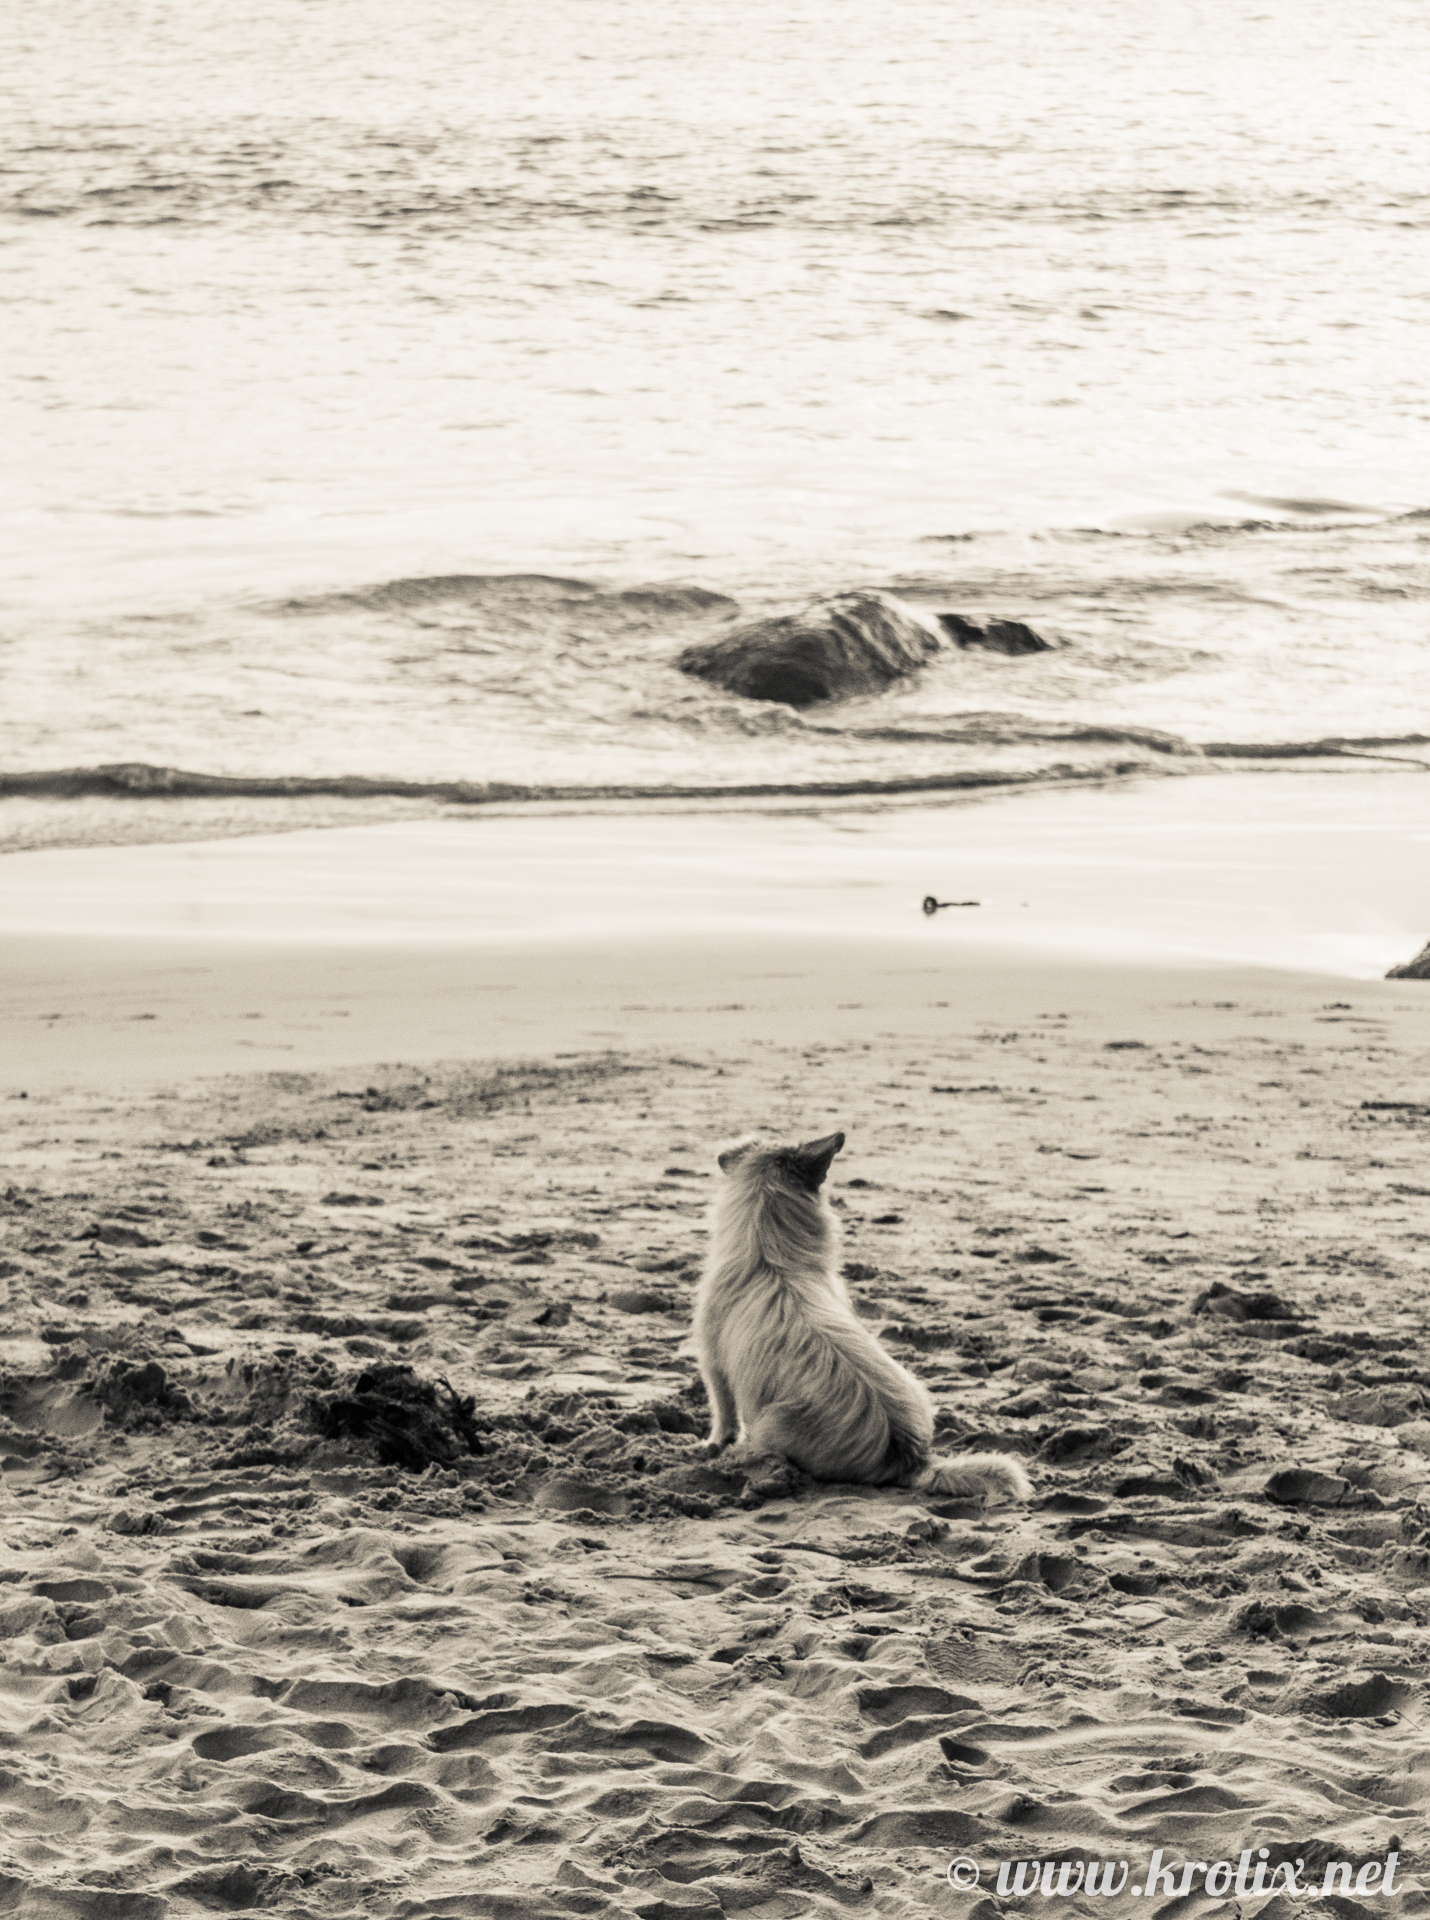 ...И собакевичи тоже. Задумчивый взгляд вдаль и нарастающая в груди решимость...